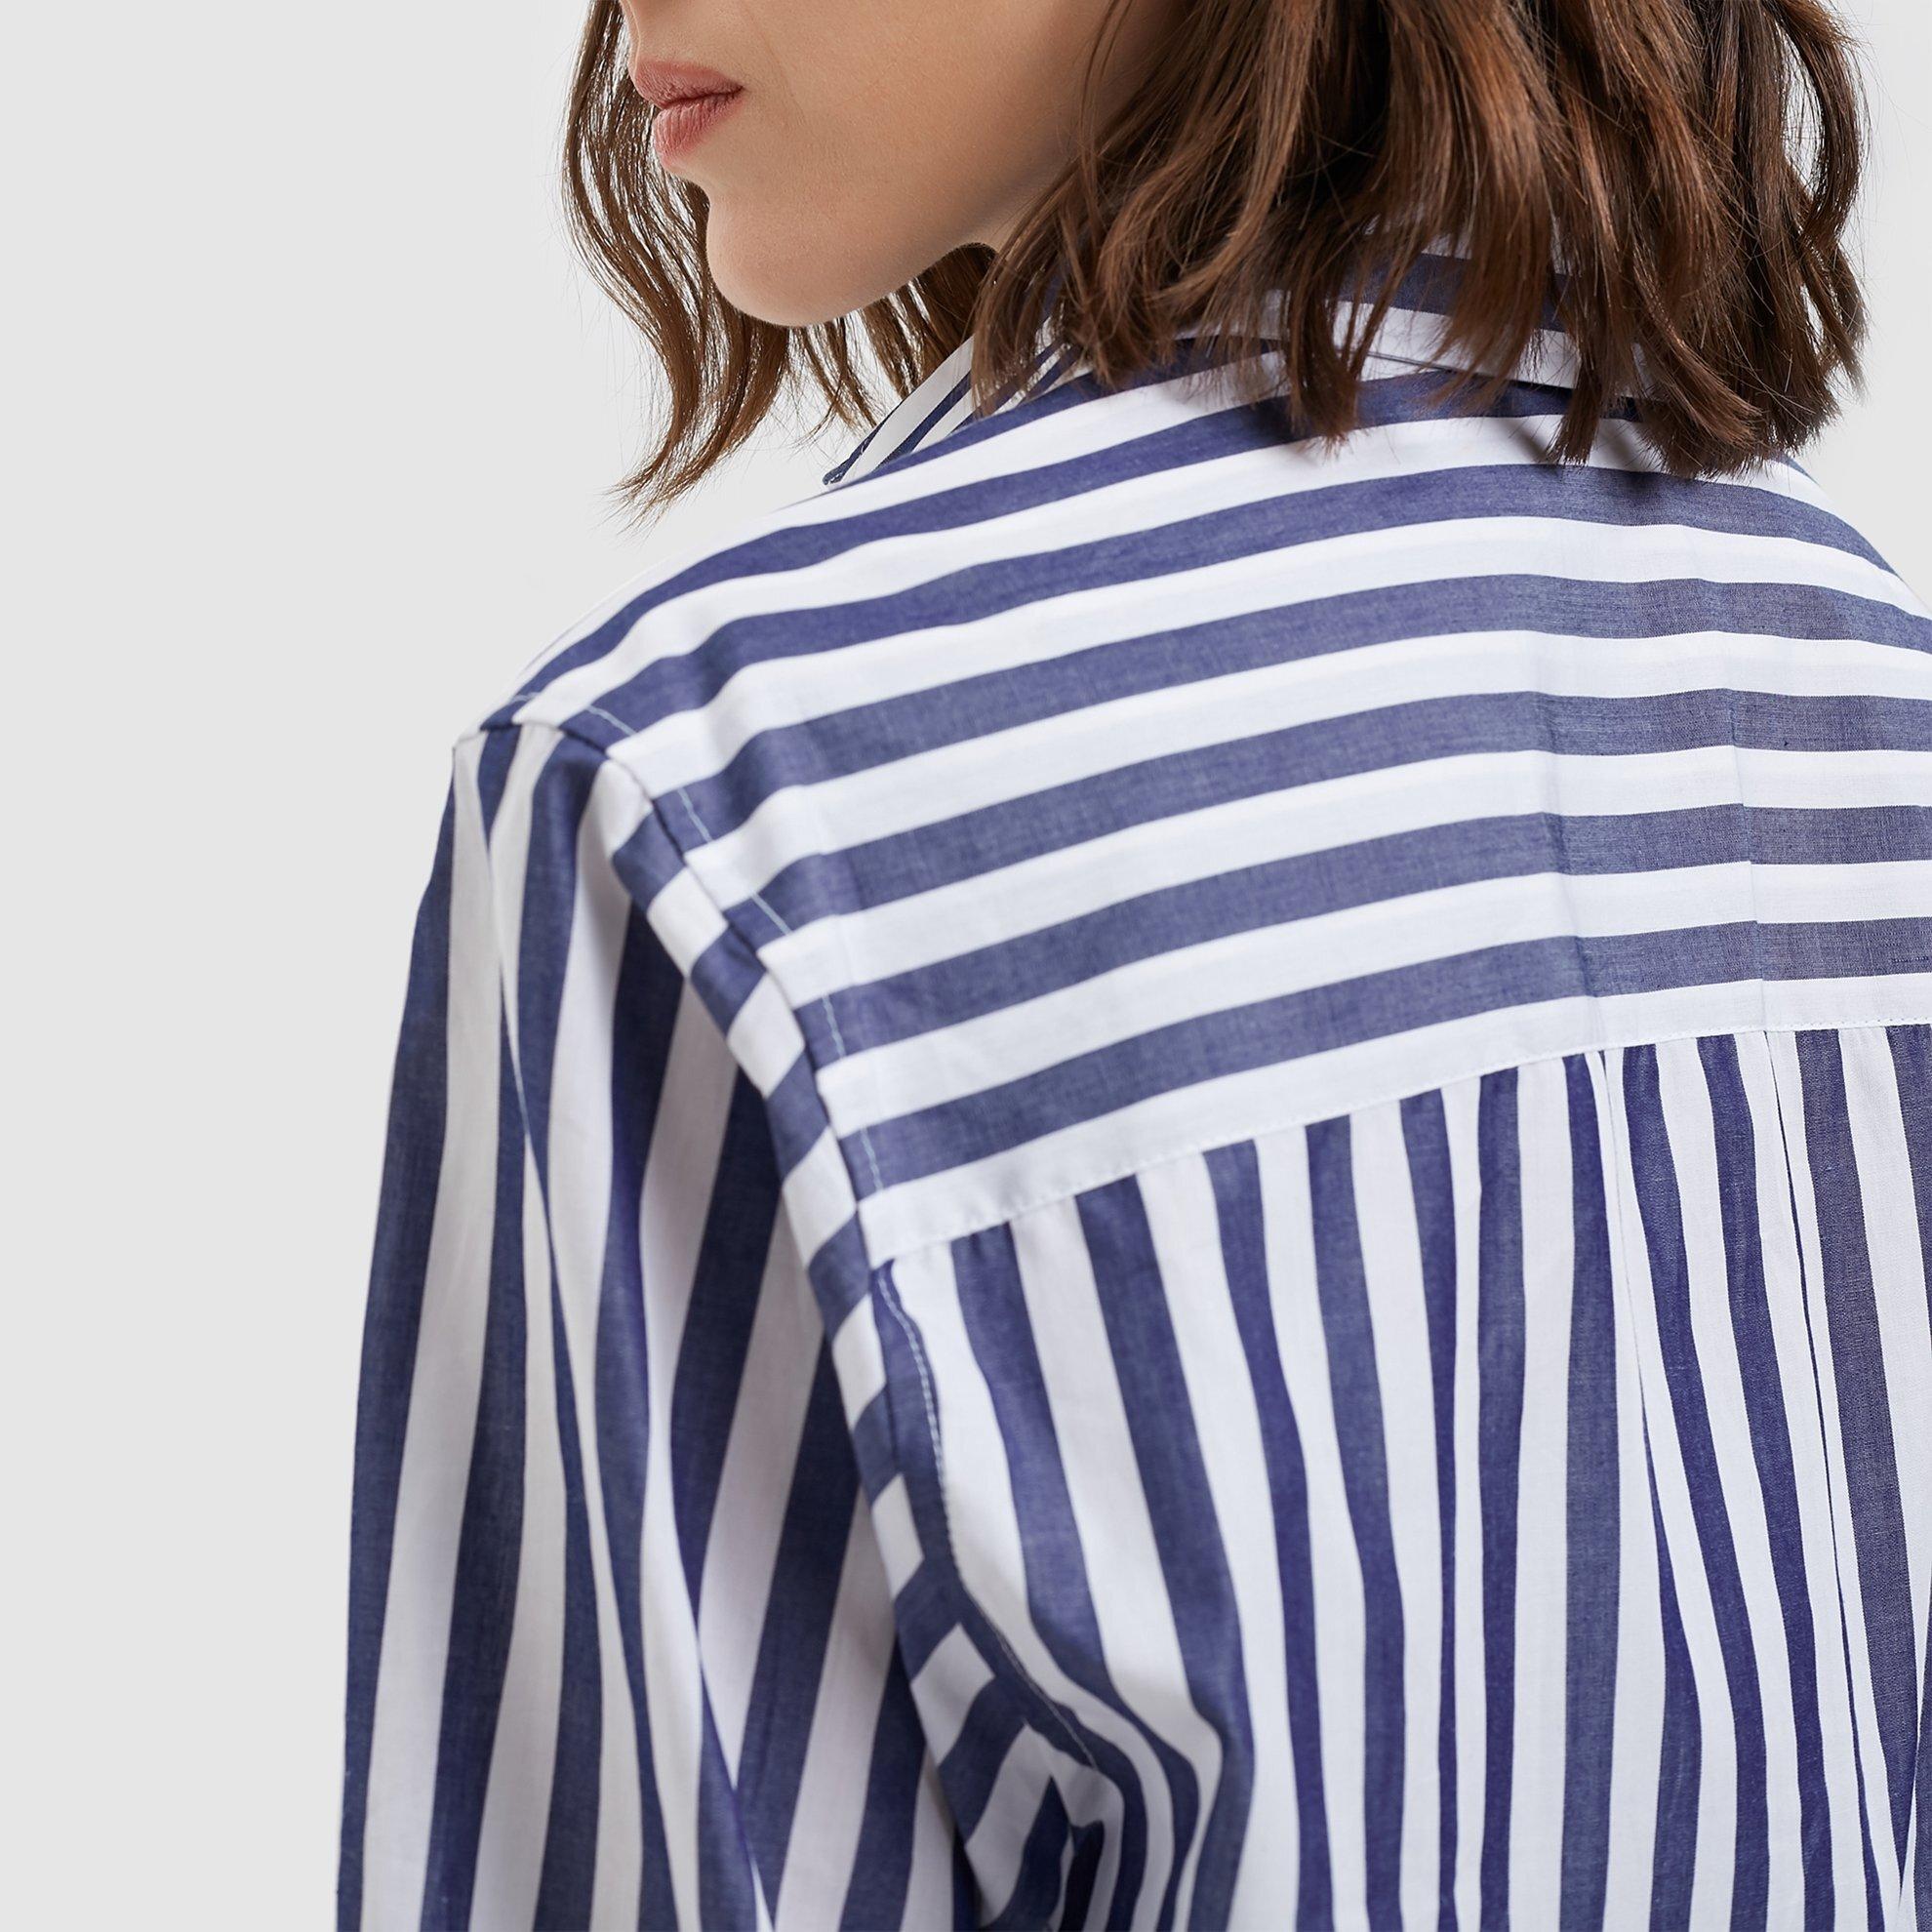 Unisex Shirt With Pocket